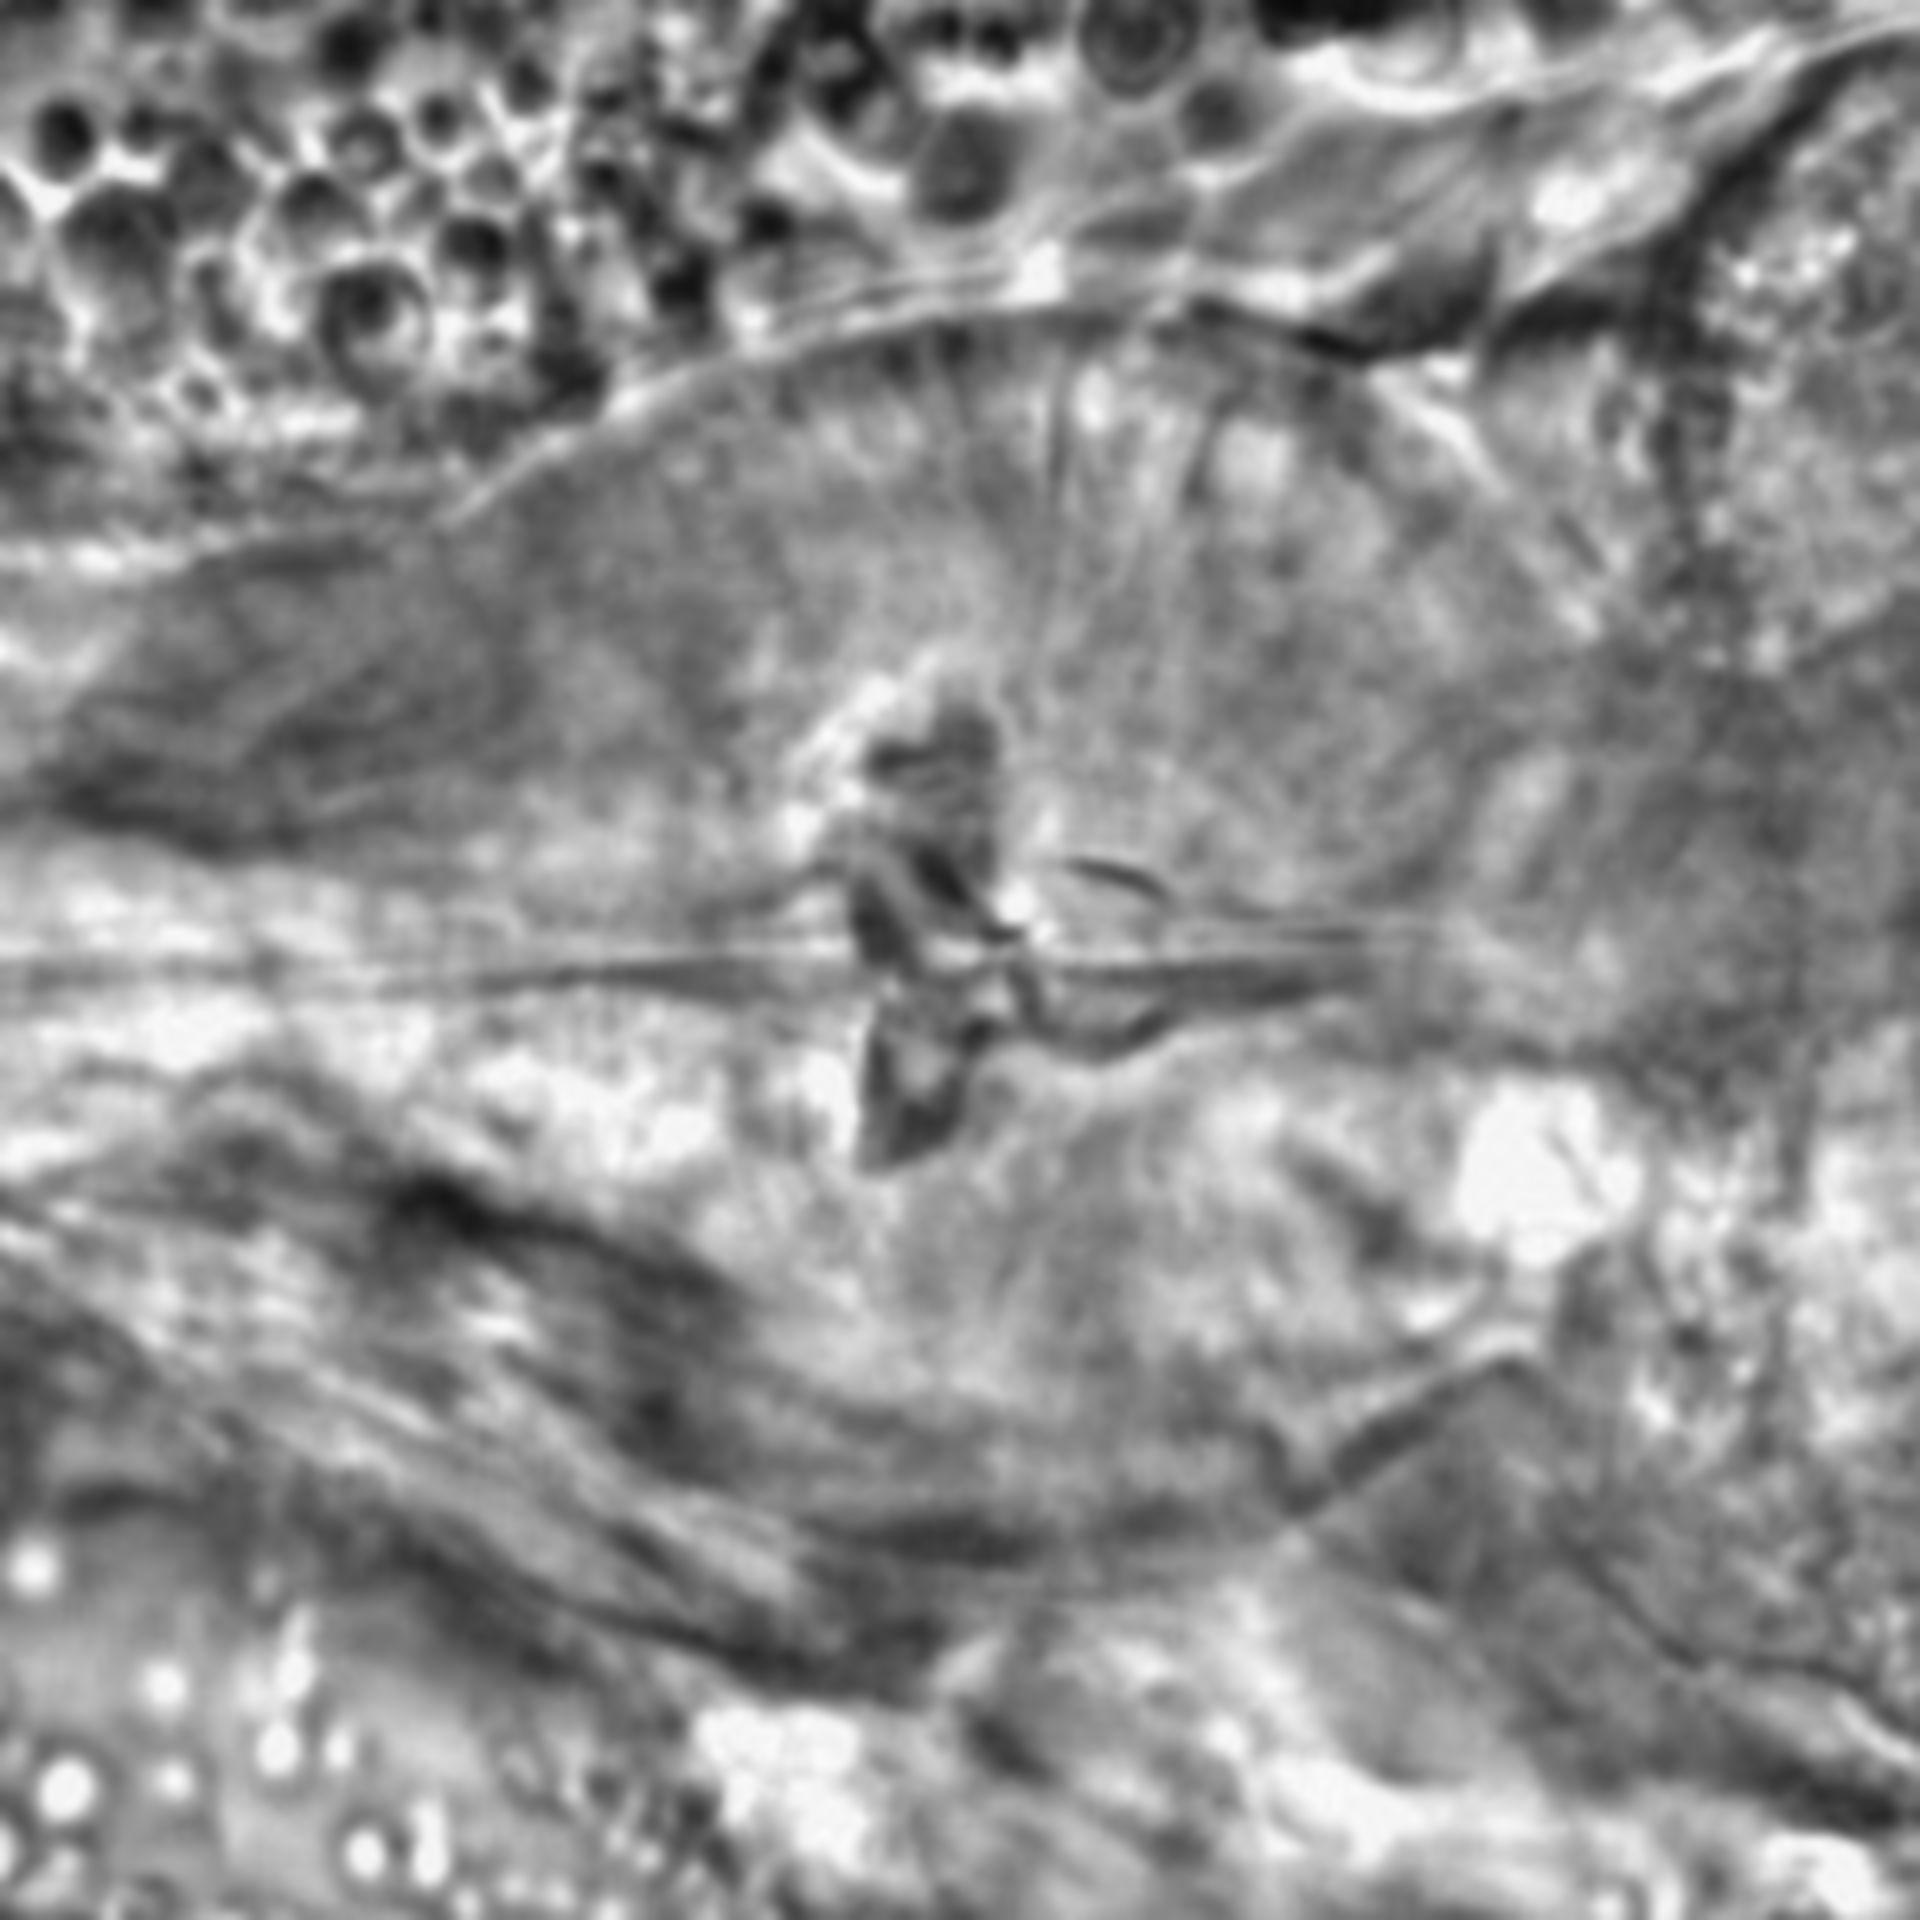 Caenorhabditis elegans - CIL:1769